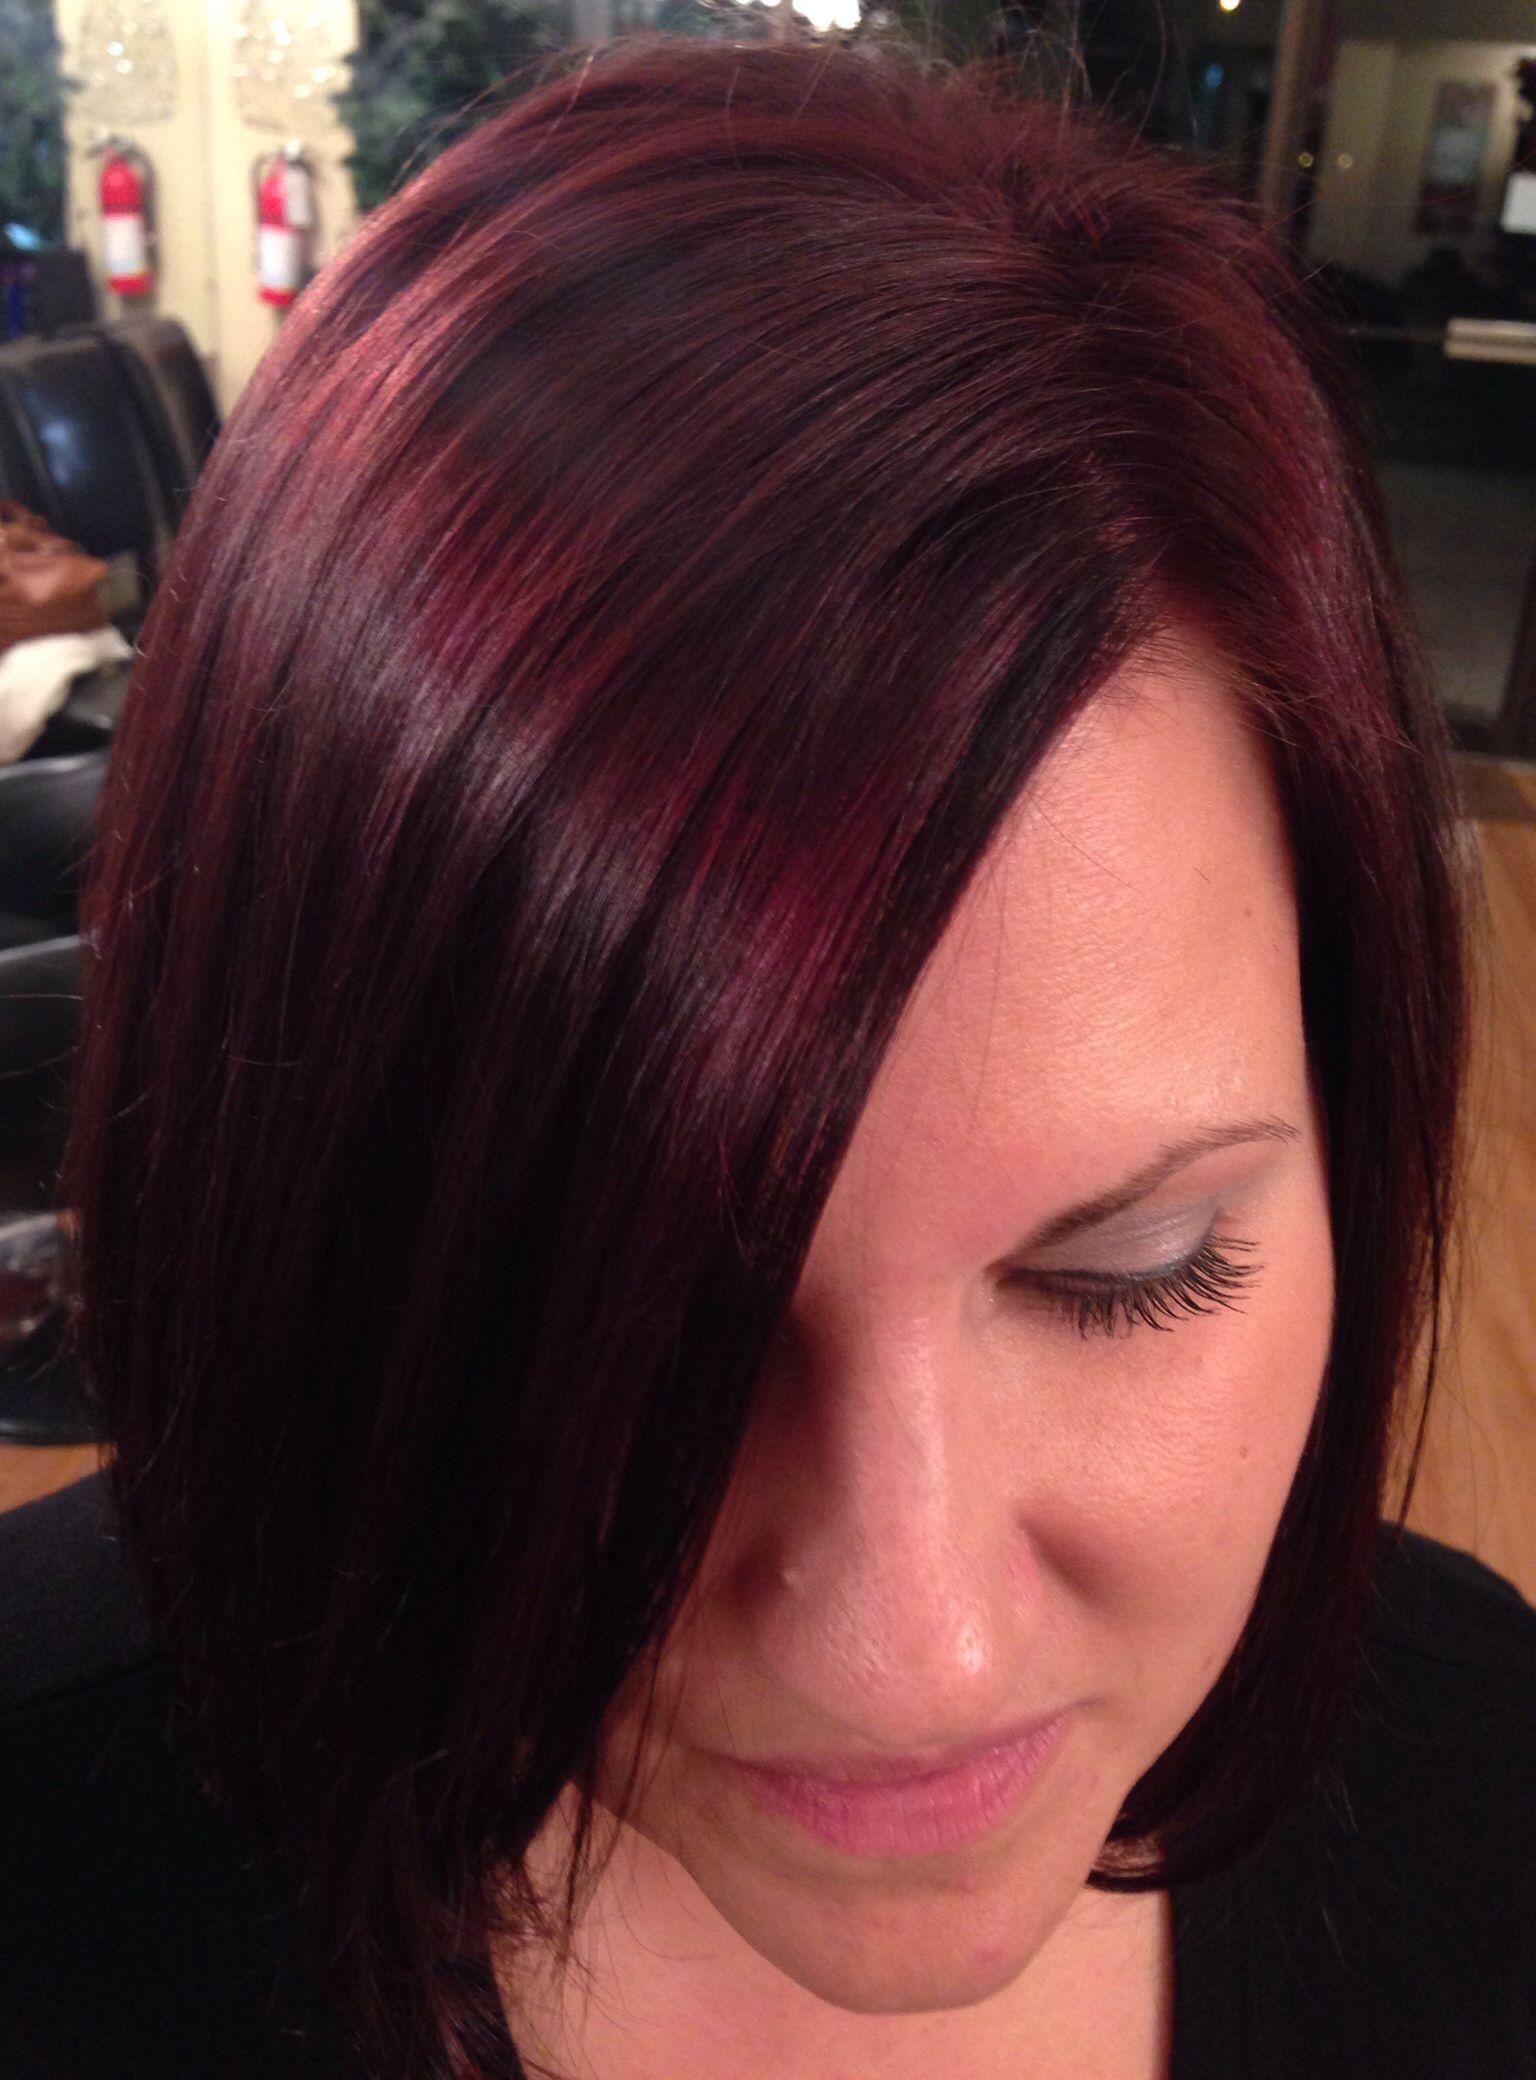 71 Splendid Mahogany Hair Colors for Any Woman